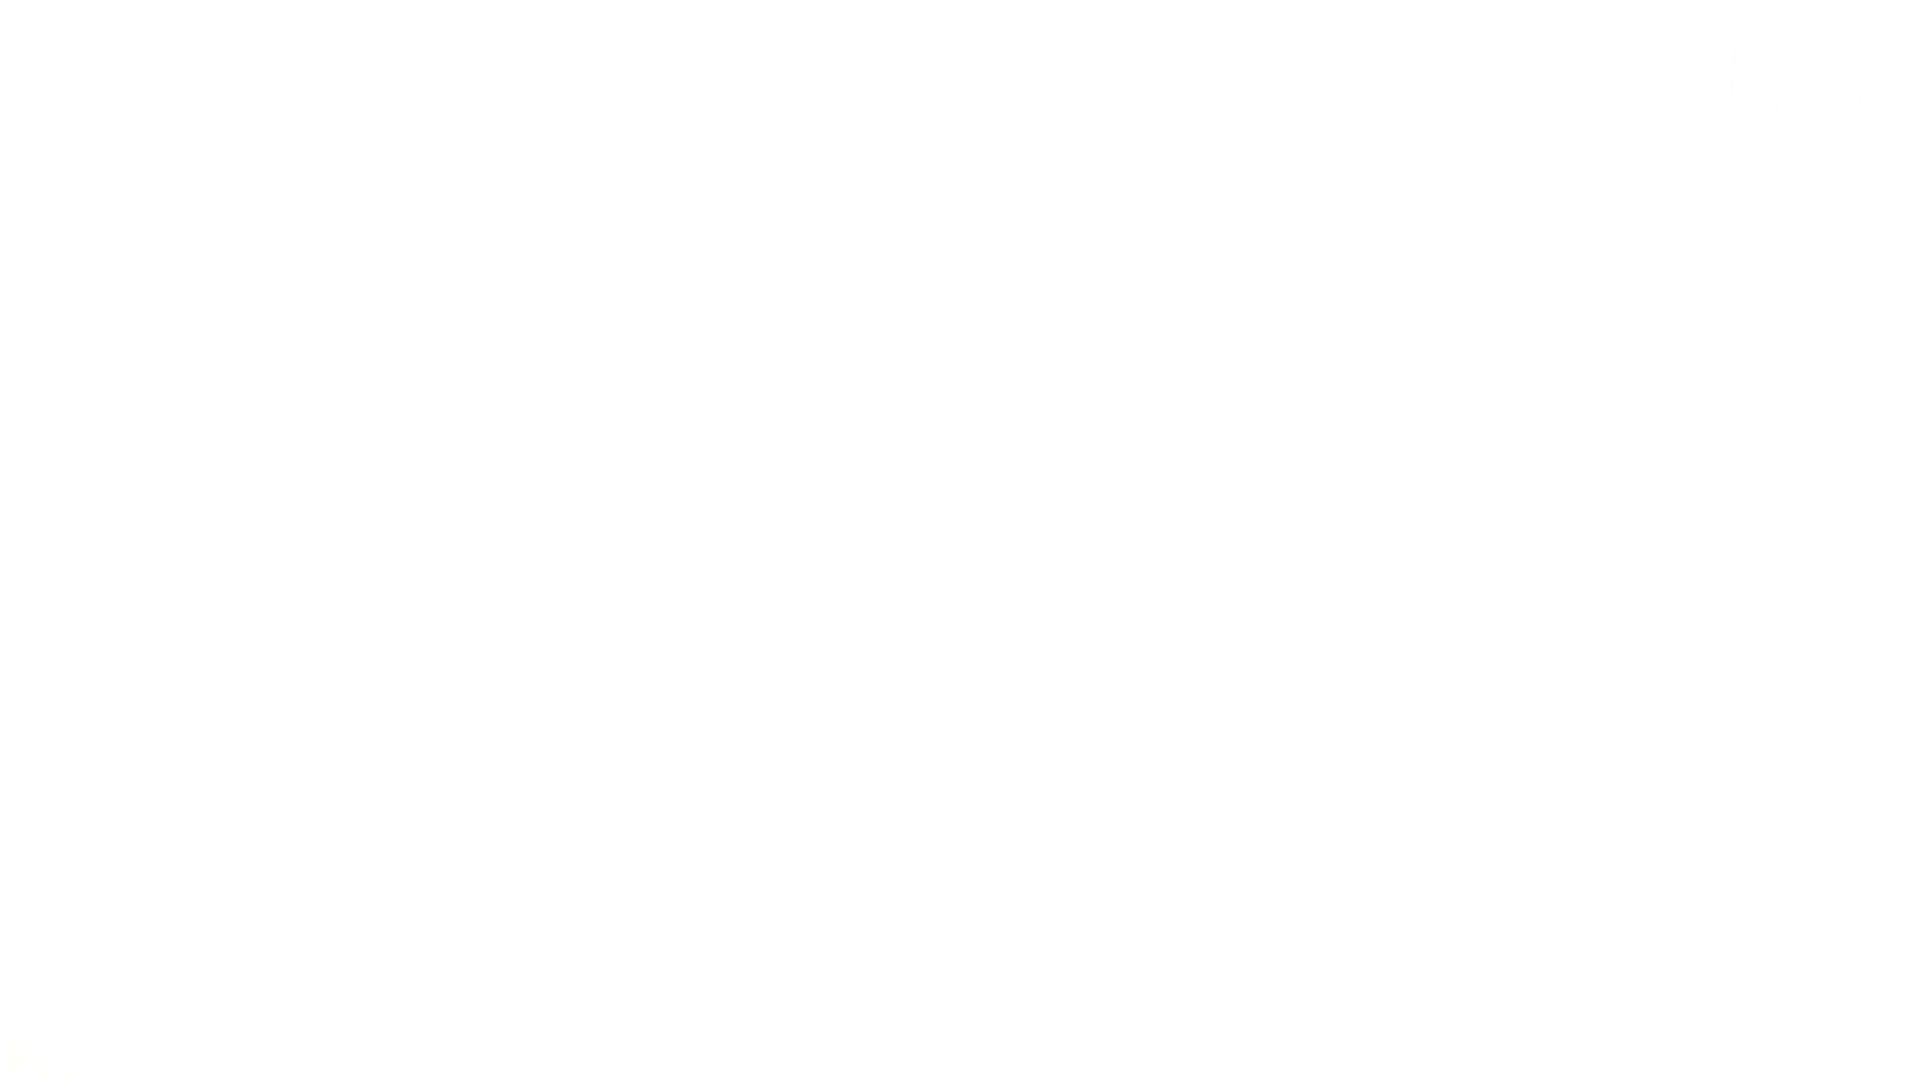 至高下半身盗撮-PREMIUM-【院内病棟編 】VOL1 盗撮  63PIX 37